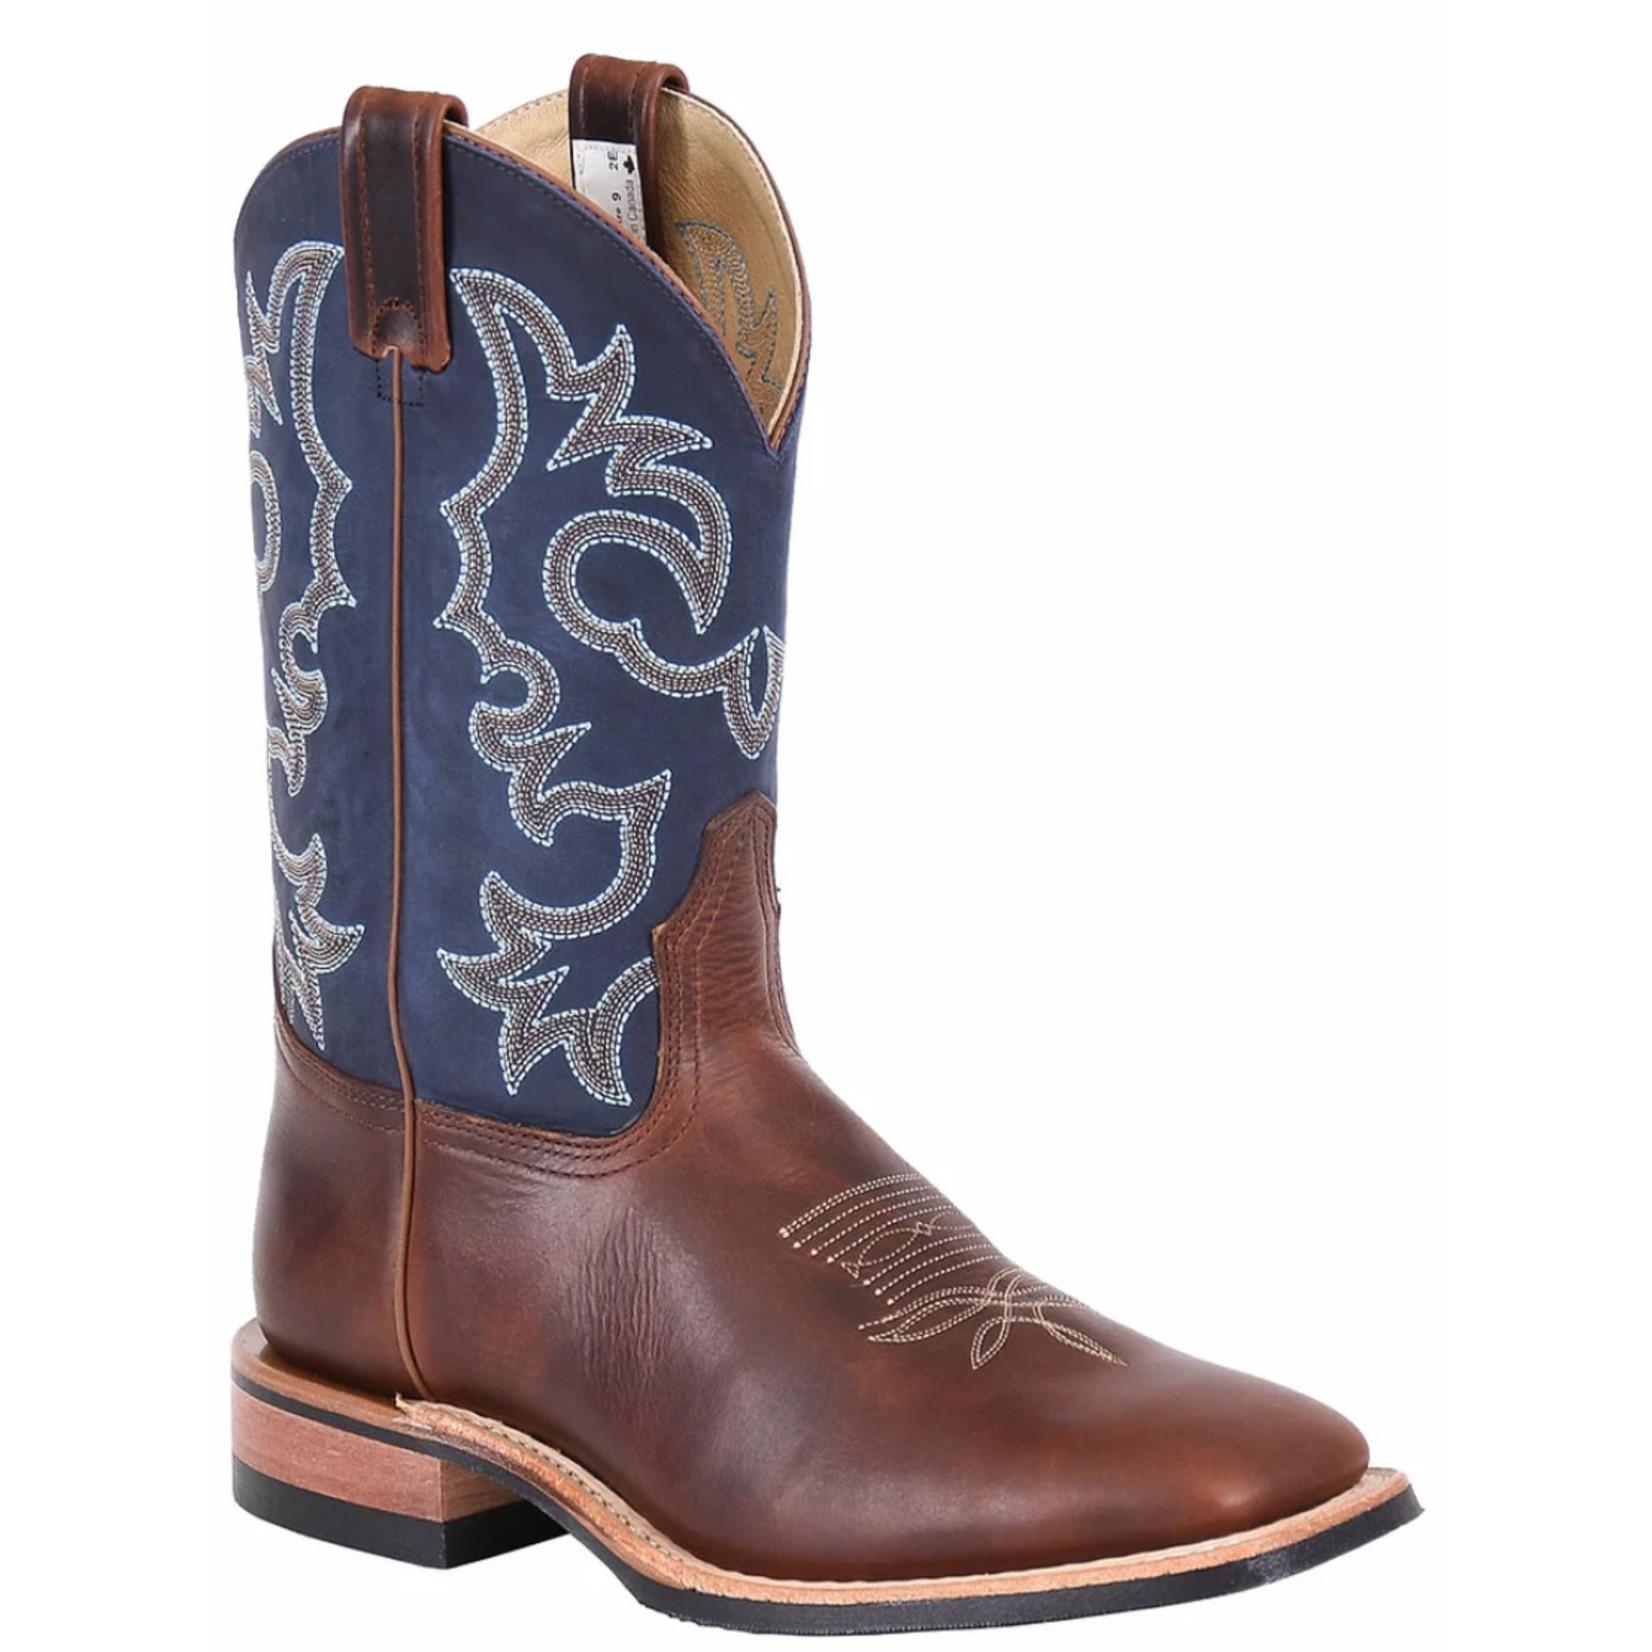 Brahma Canada West Brahma Men's Cowboy Boots 8601 2E